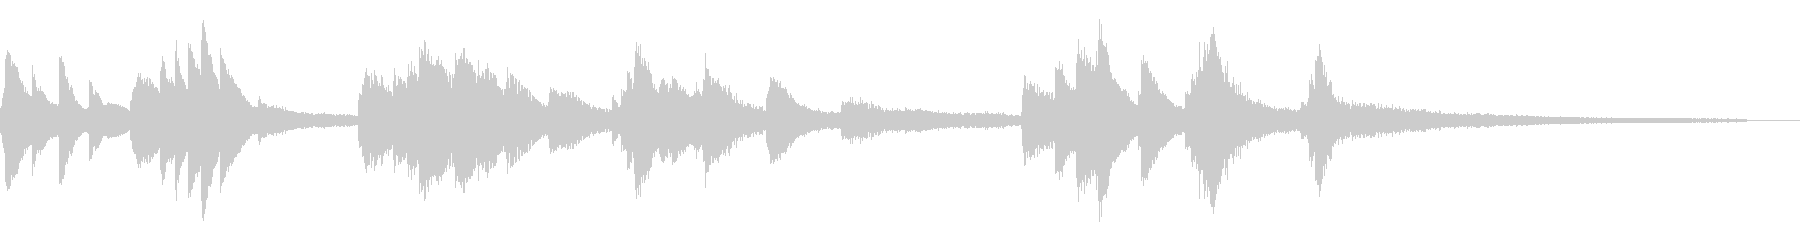 薄暗く湿った和風ジングル43-ピアノソロの未再生の波形